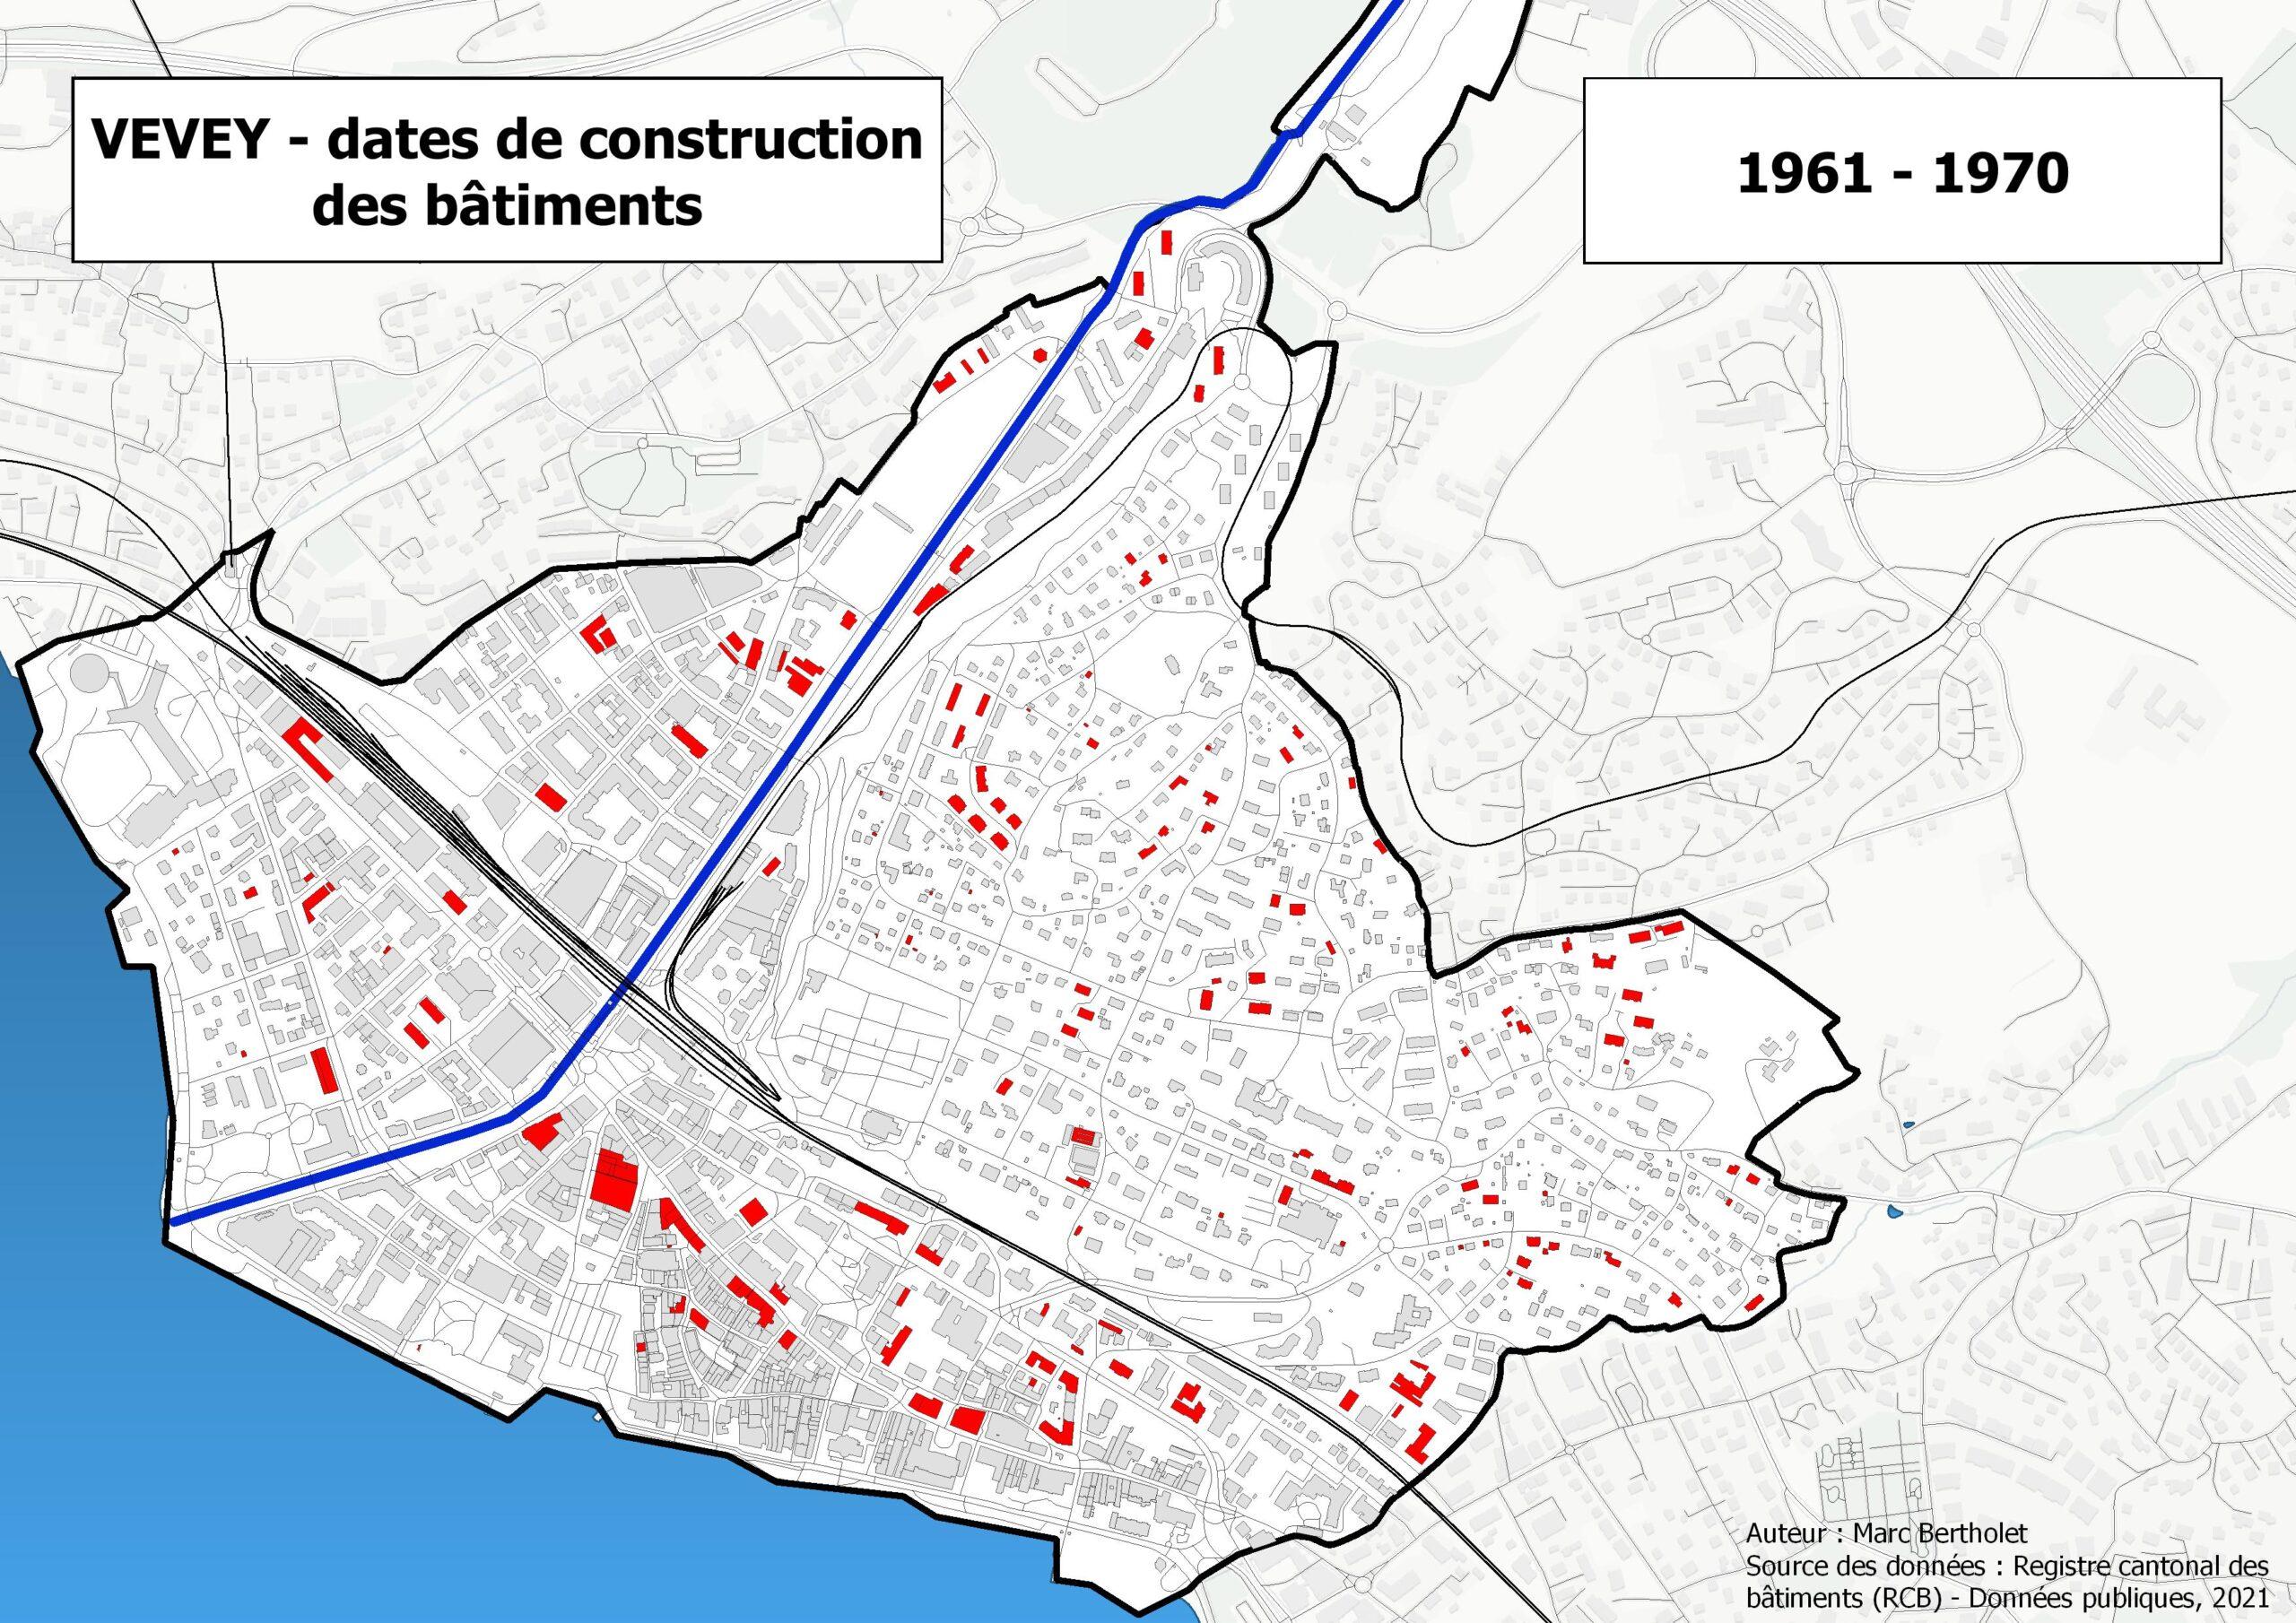 Rénovations et construction des bâtiments